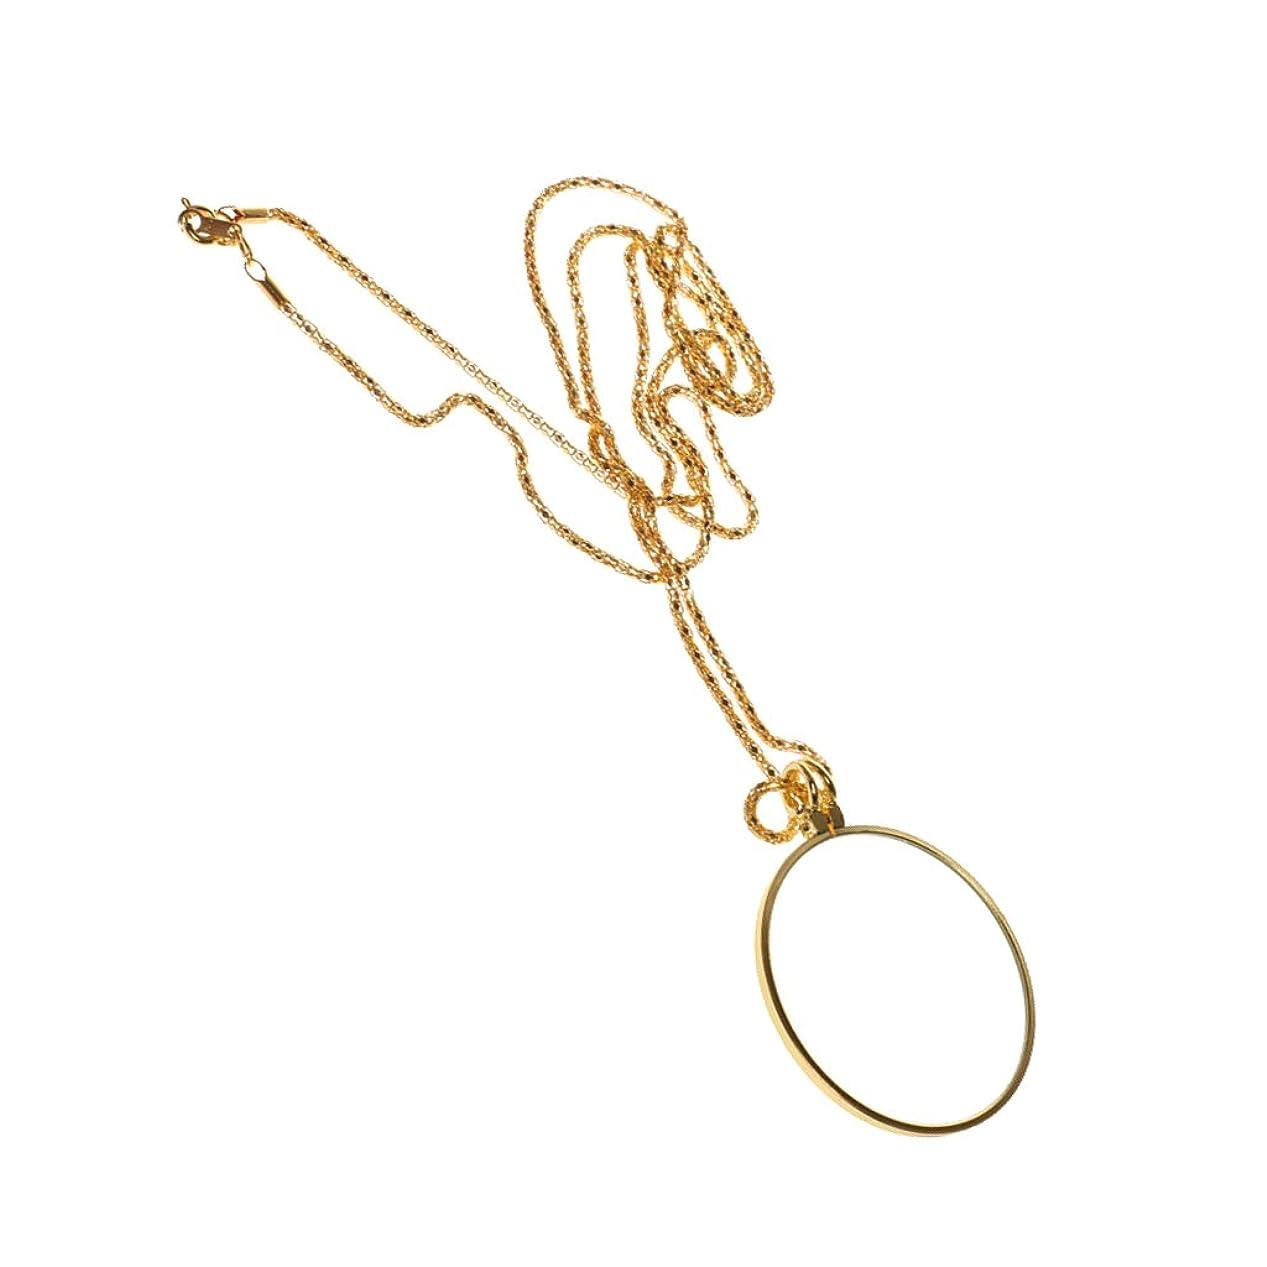 見込み最もクスクスPerfk 金色チェーン モノクル ネックレス ワット 虫眼鏡 6倍 拡大鏡 ペンダント ルーペ 愛好家 ギフト